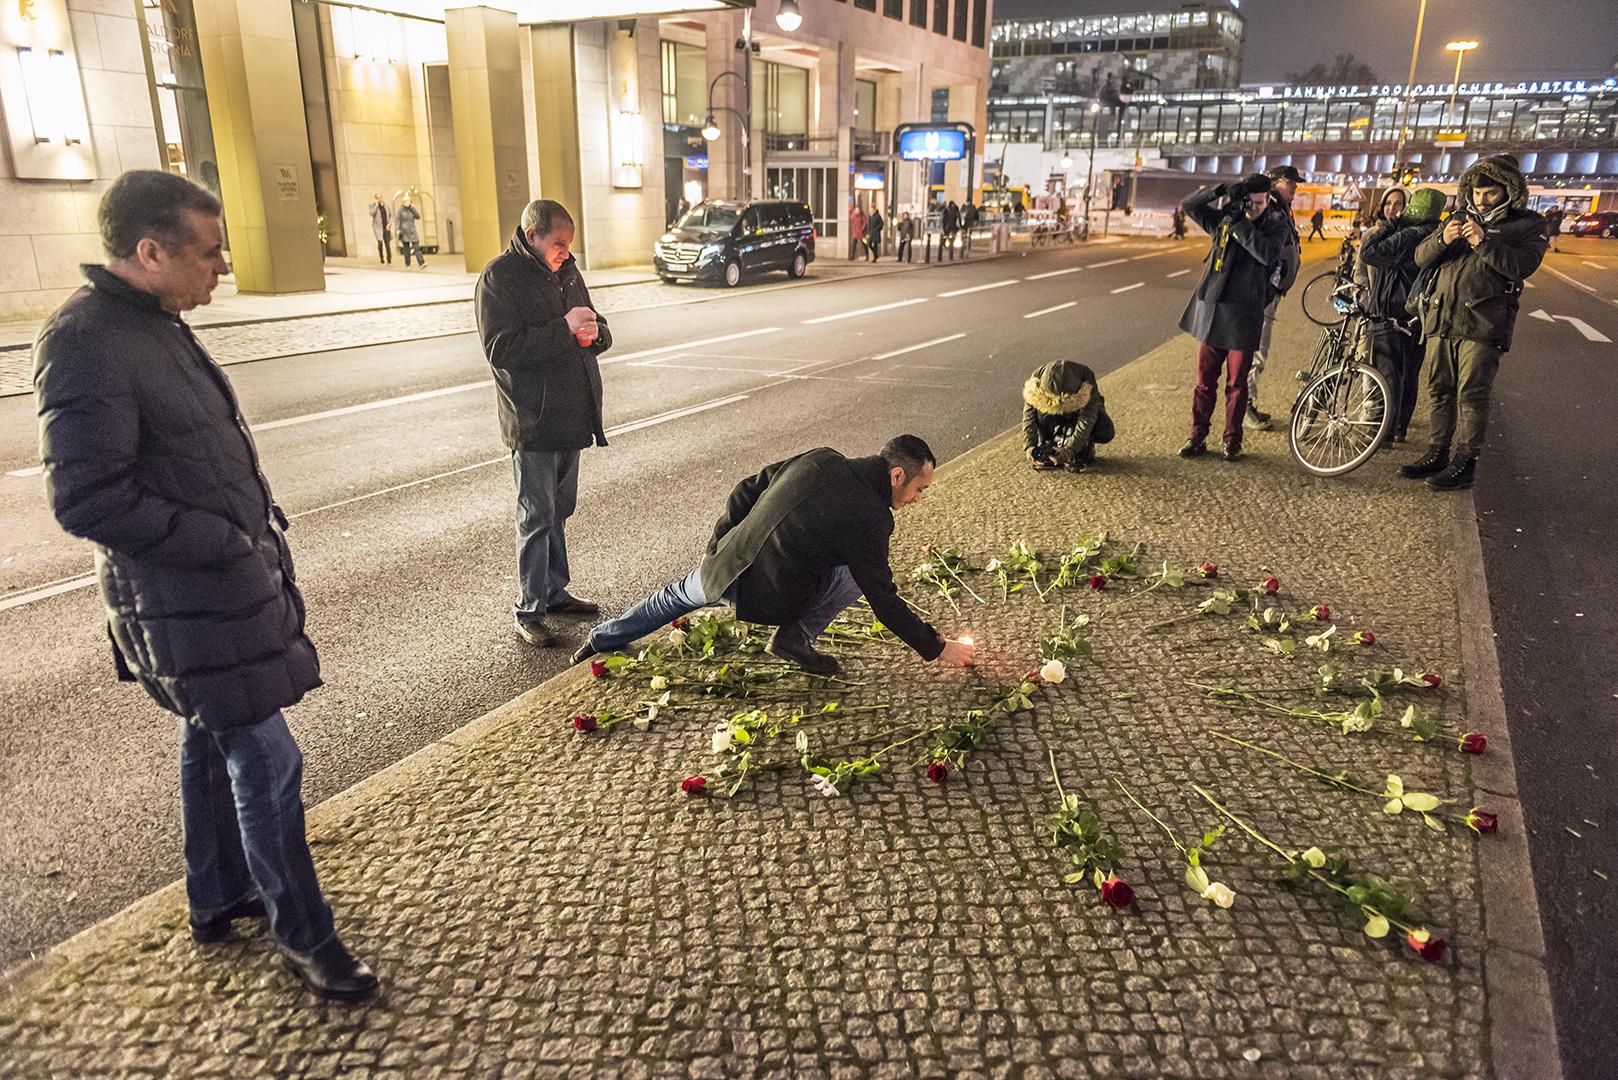 Kerzen und Blumen auf der Hardenbergstraße, am Abend nach dem Terroranschlag auf dem Weihnachtsmarkt am Breitscheidplatz. Berlin Charlottenburg, 20.12.2016